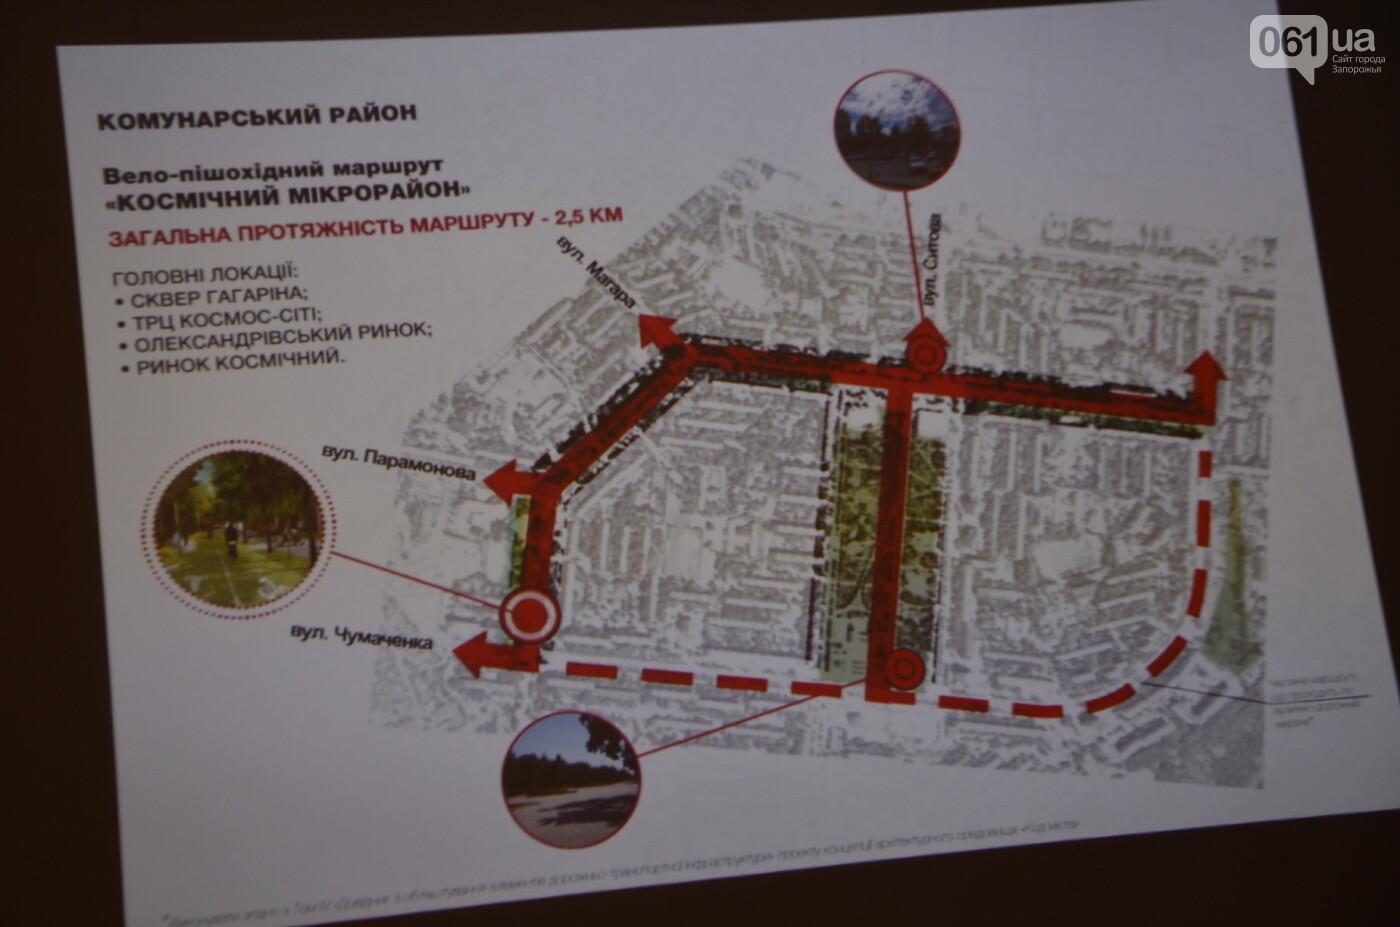 В Запорожье предлагают разрабатывать новые зеленые зоны, велопешеходные и экологические маршруты, фото-12